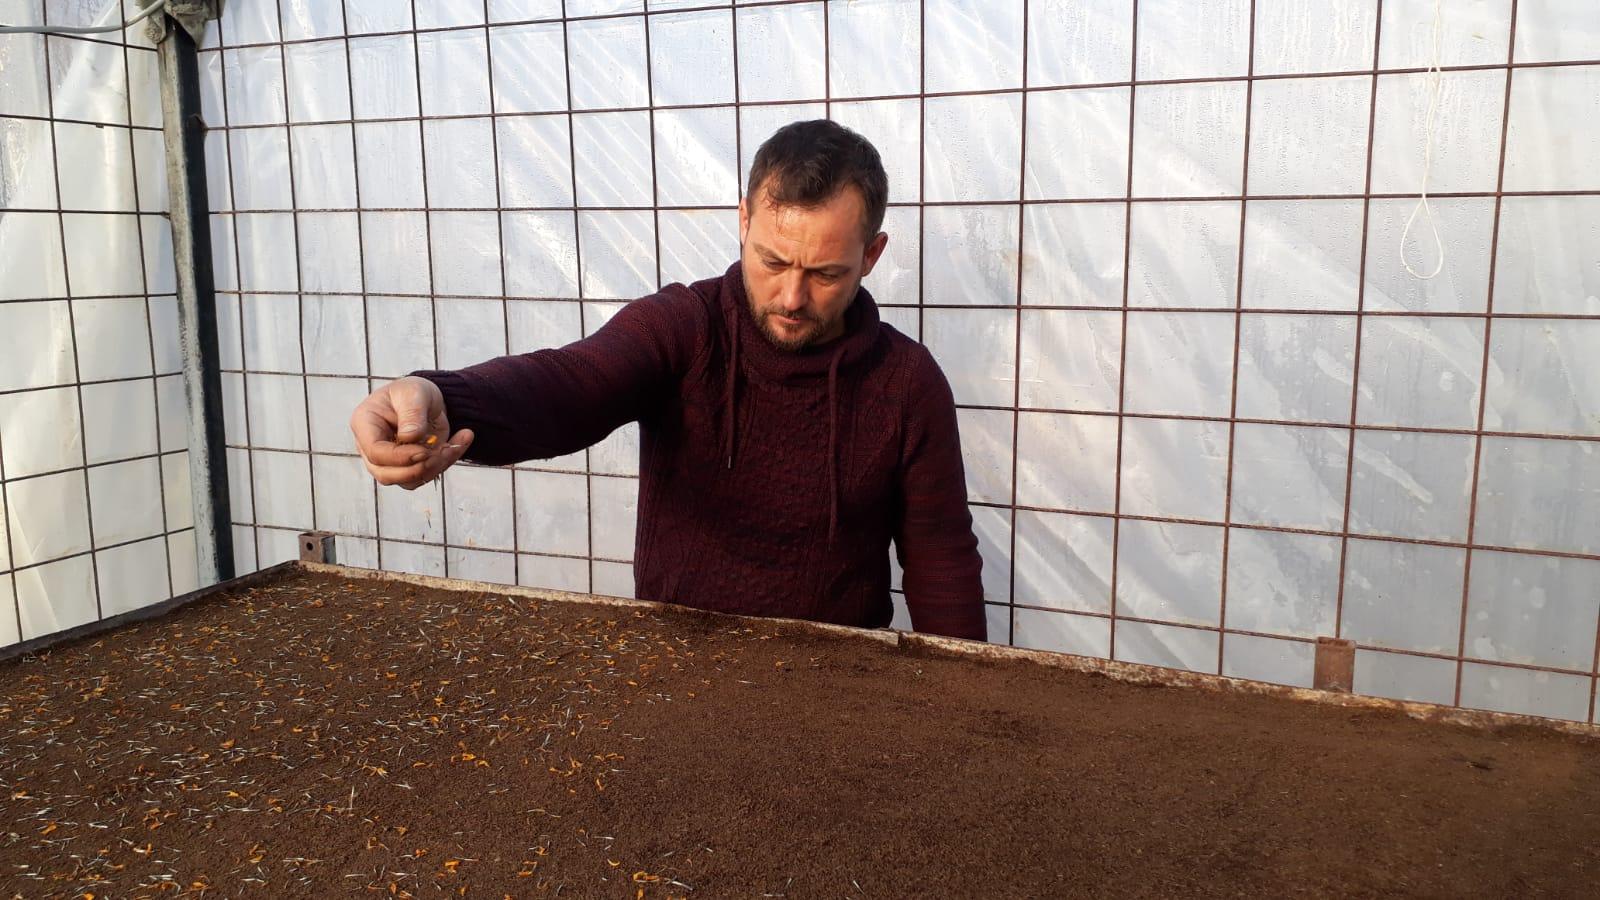 Yaklaşık 1 Milyon TL Tasarruf Edeceğiz  Artık Çiçek Tohumlarını Kendimiz Üretiyoruz